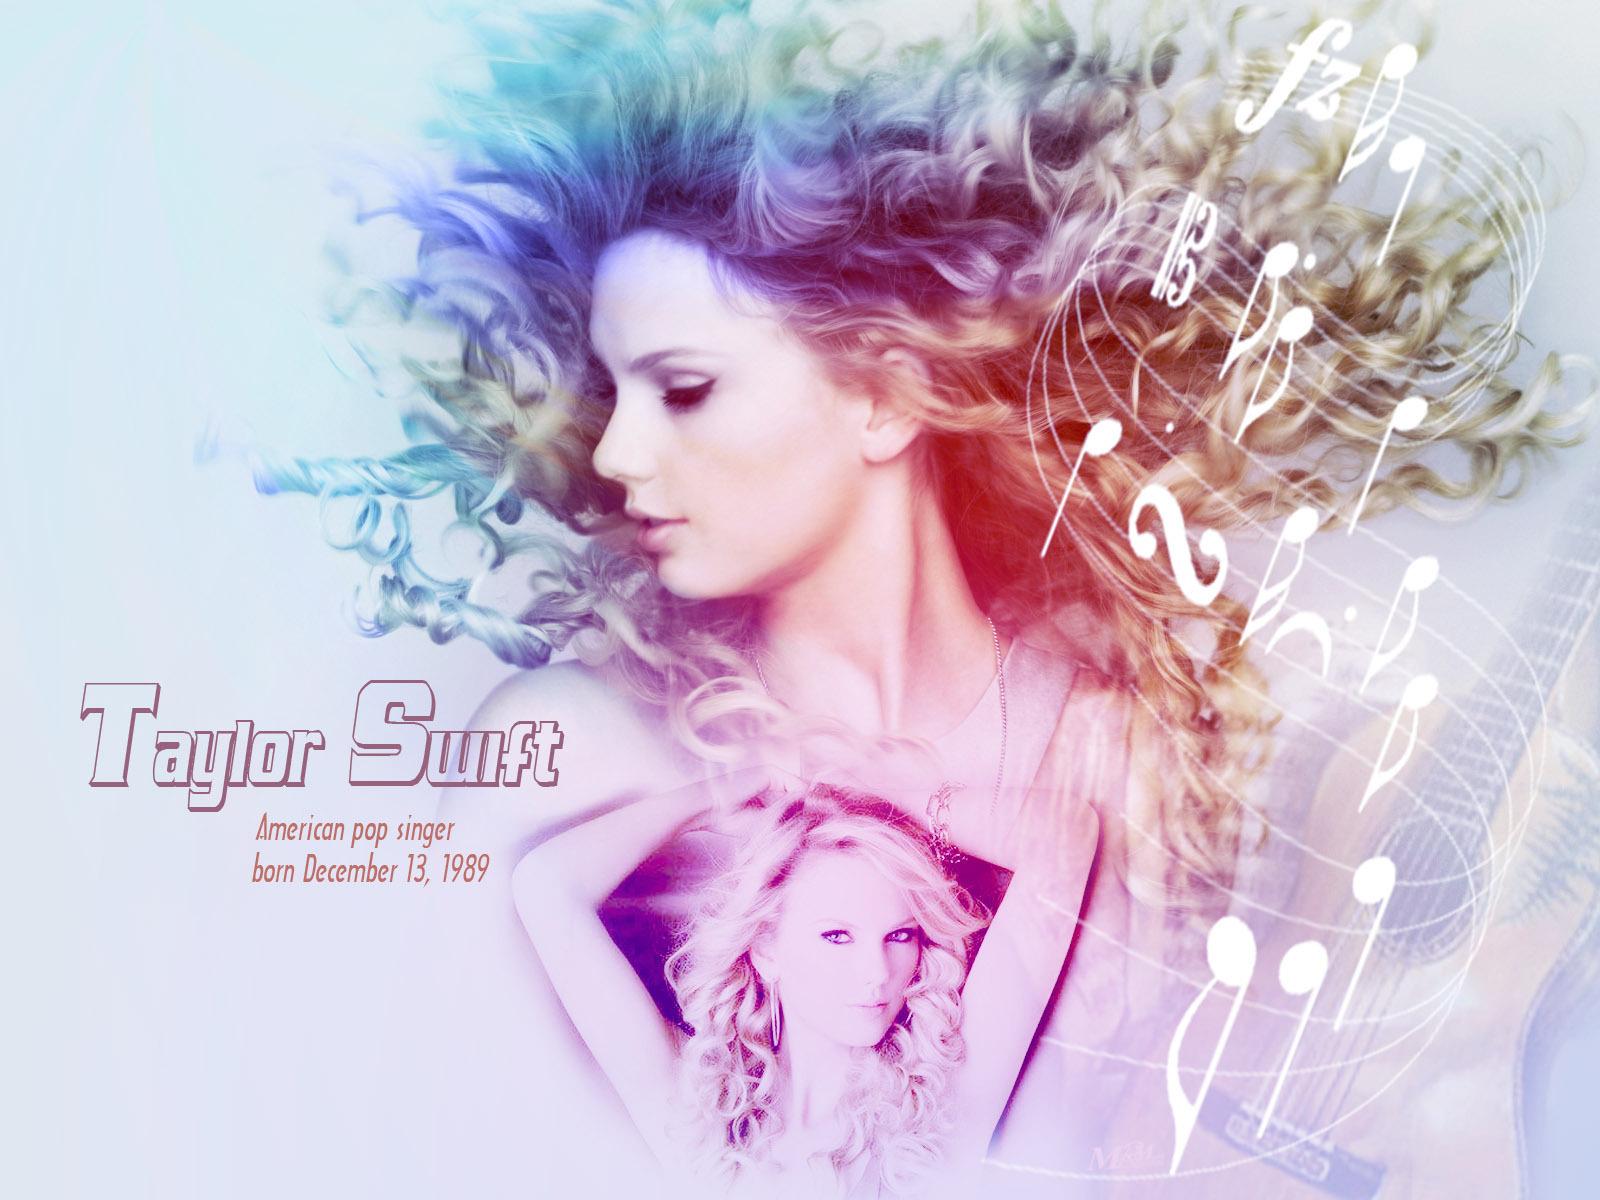 TS Wallpaper - Fearless (Taylor Swift album) Wallpaper (18031894) - Fanpop